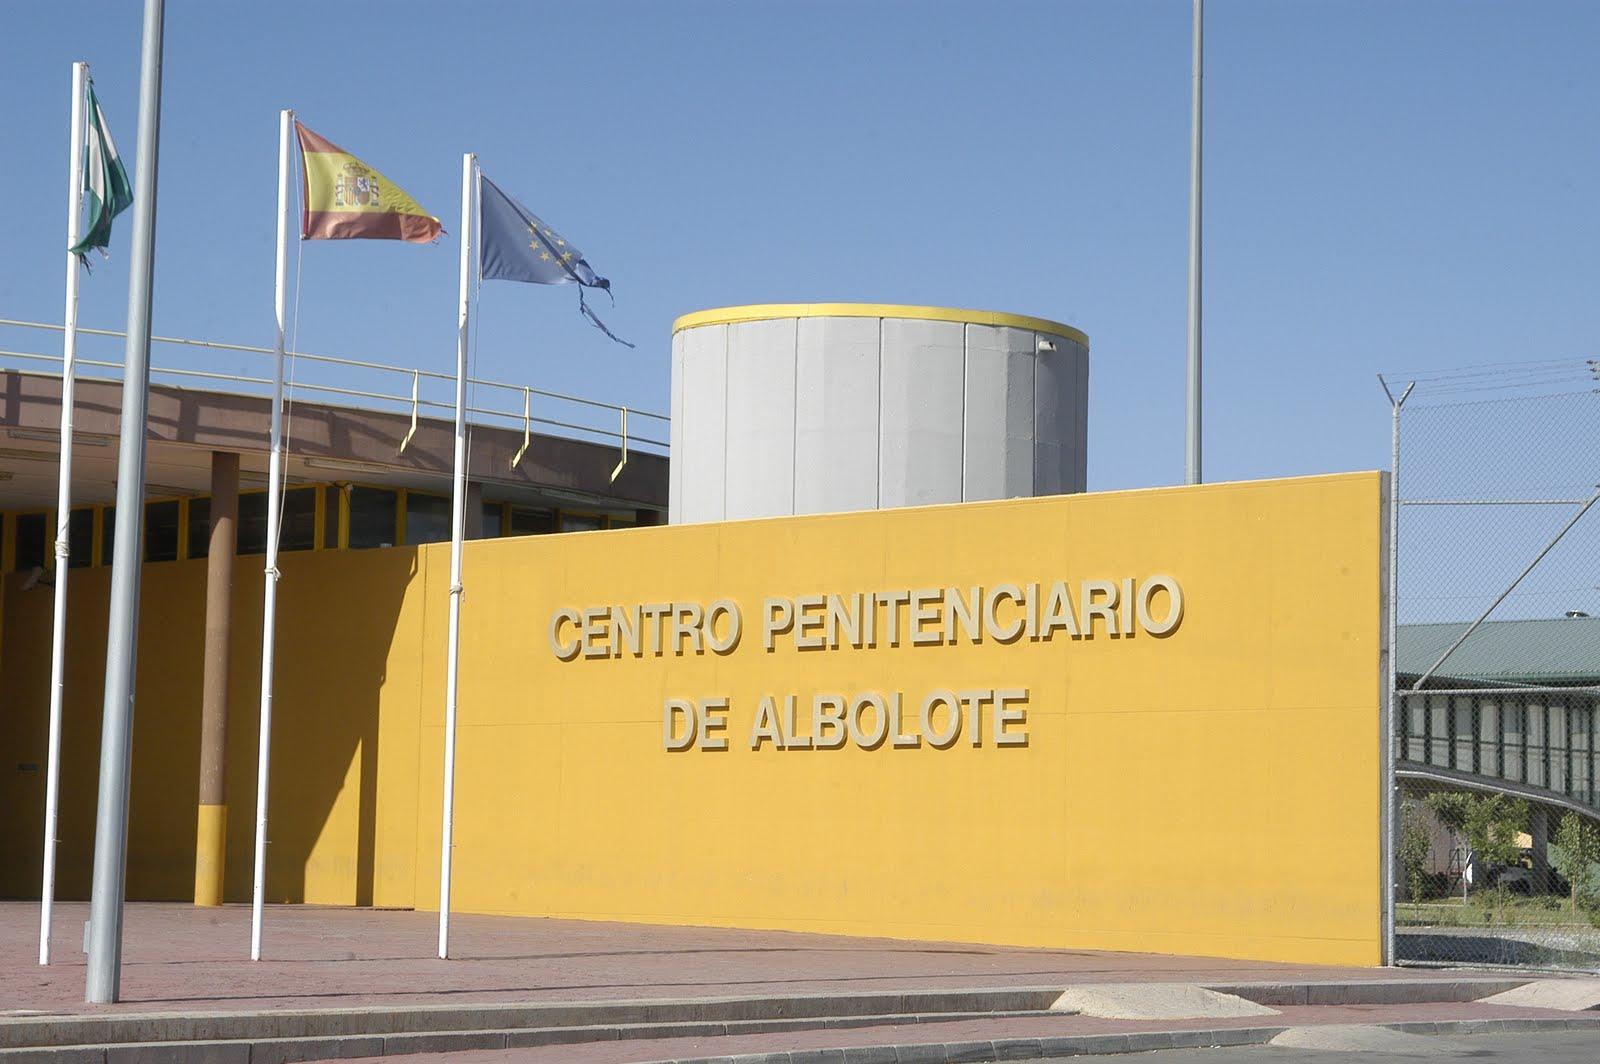 prision-Centro-penitenciario-de-Albolote